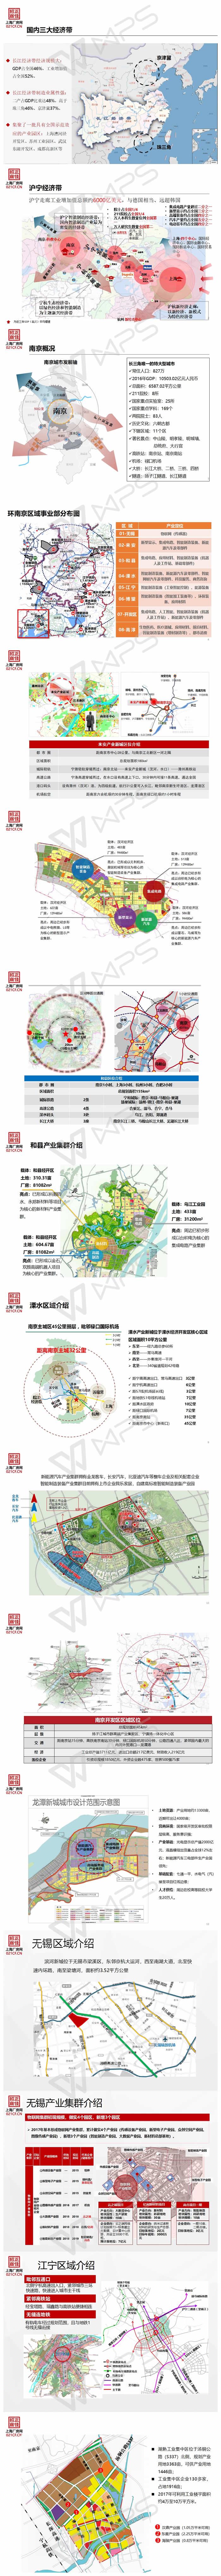 环南京区域工业用地出售招商-0.jpg